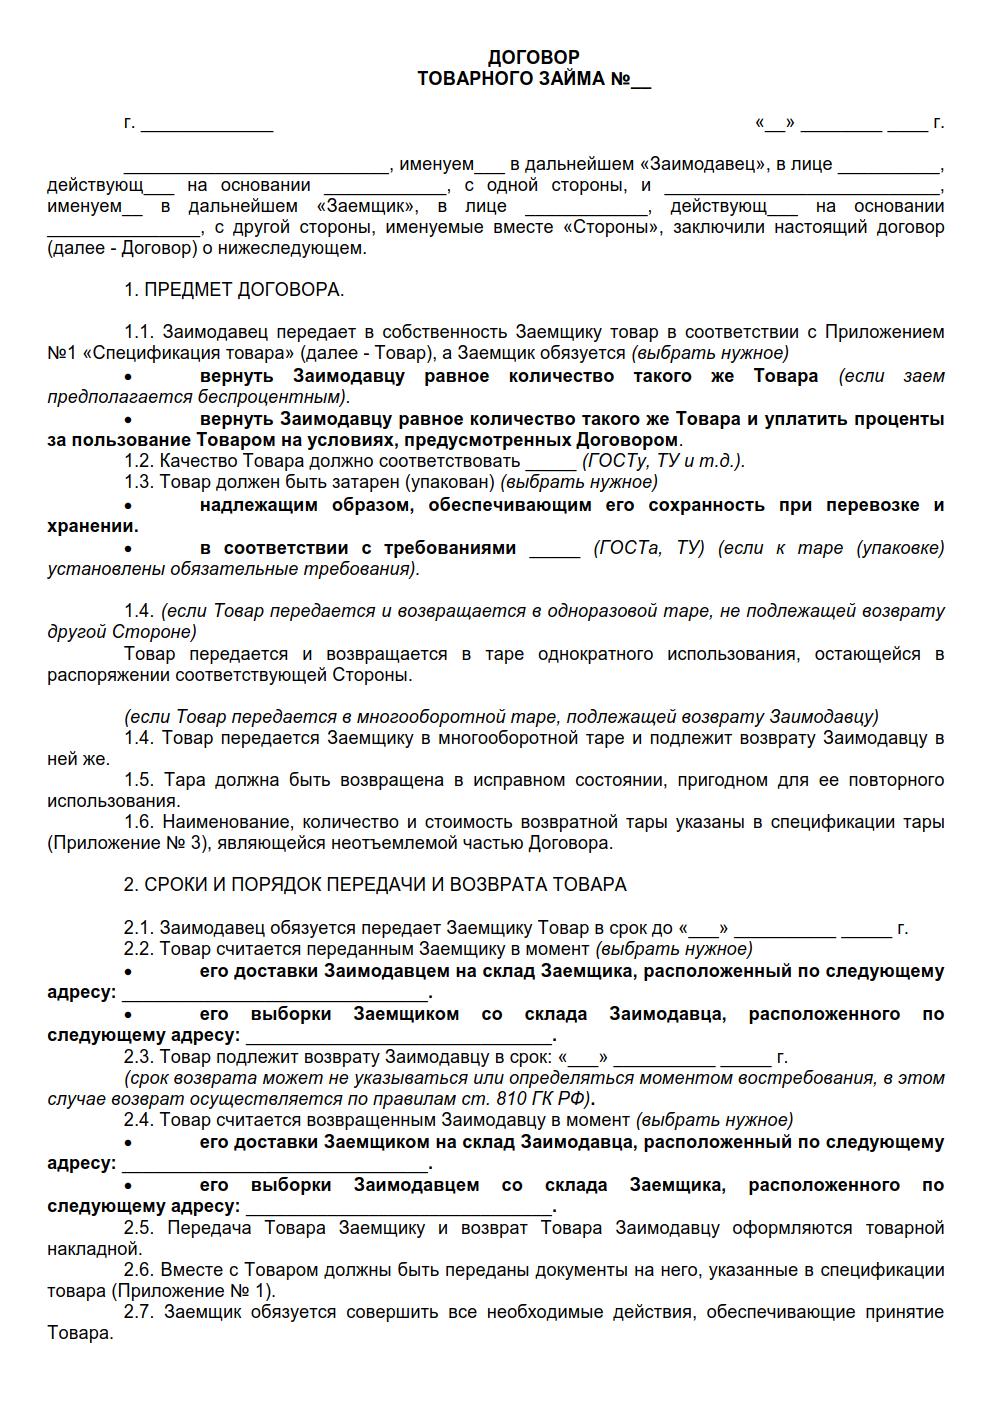 Агентский договор между домофонной организации и жилищником